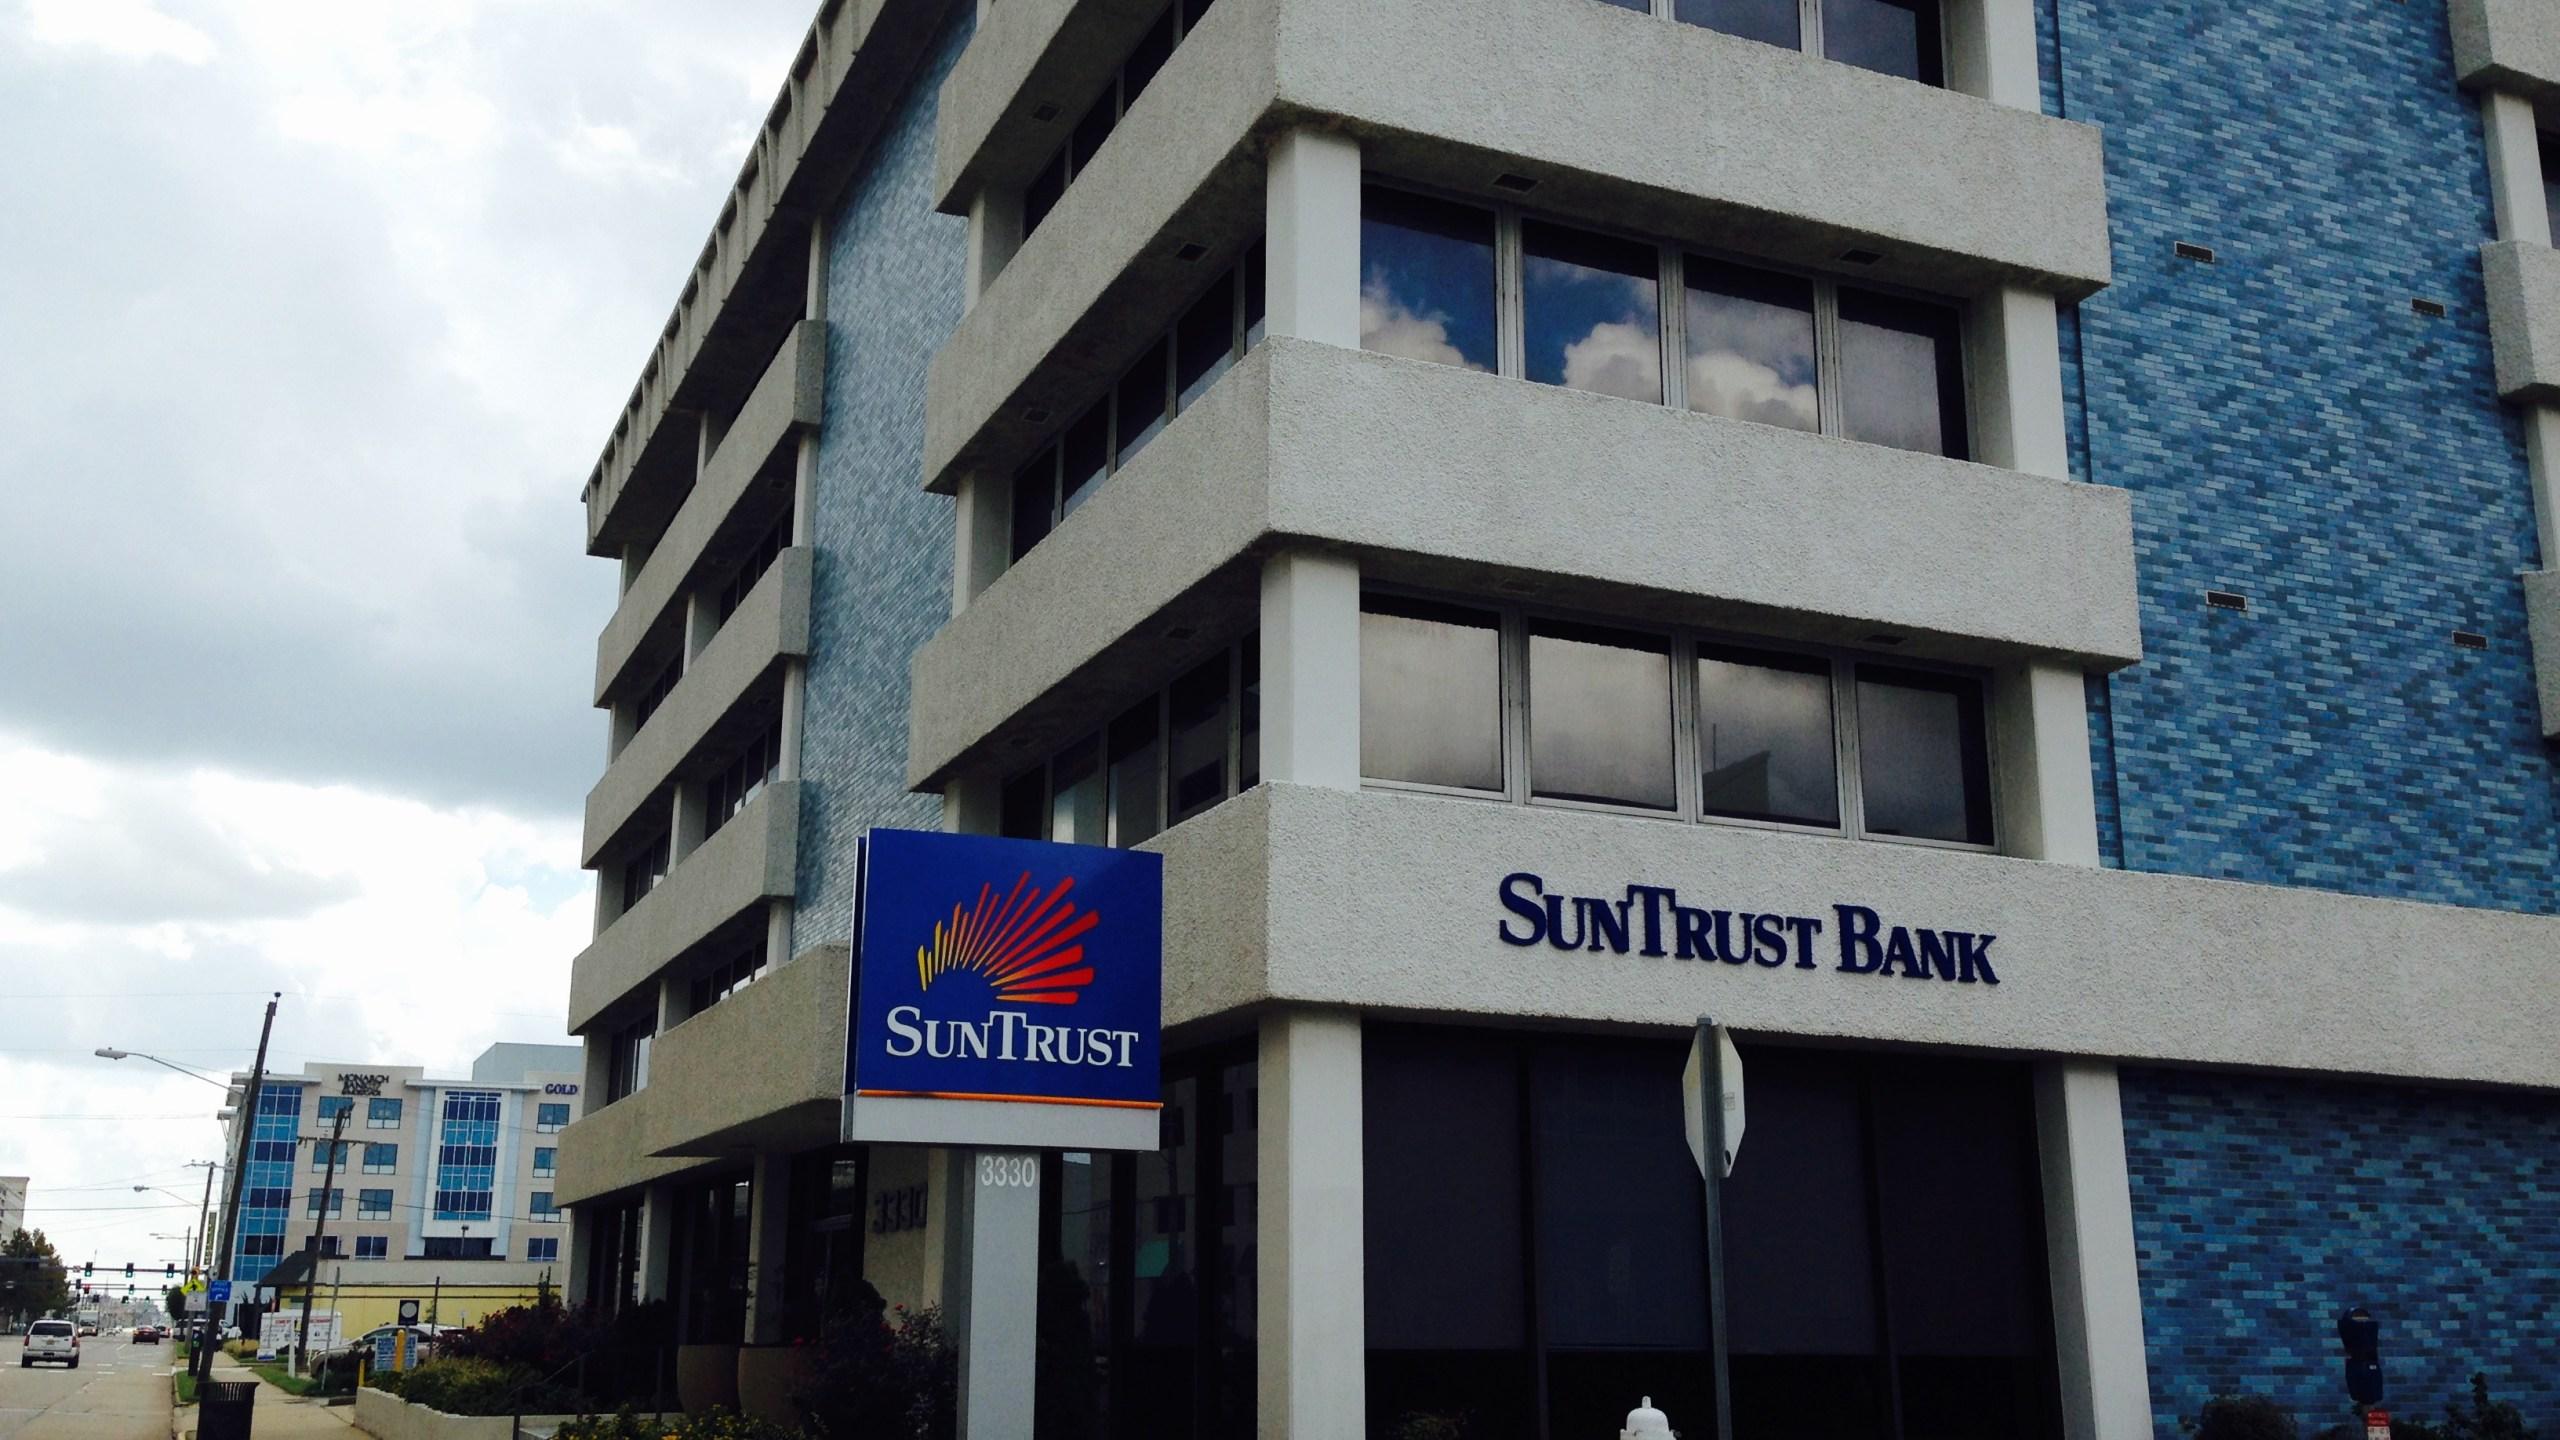 Suntrust bank_185173-873703993